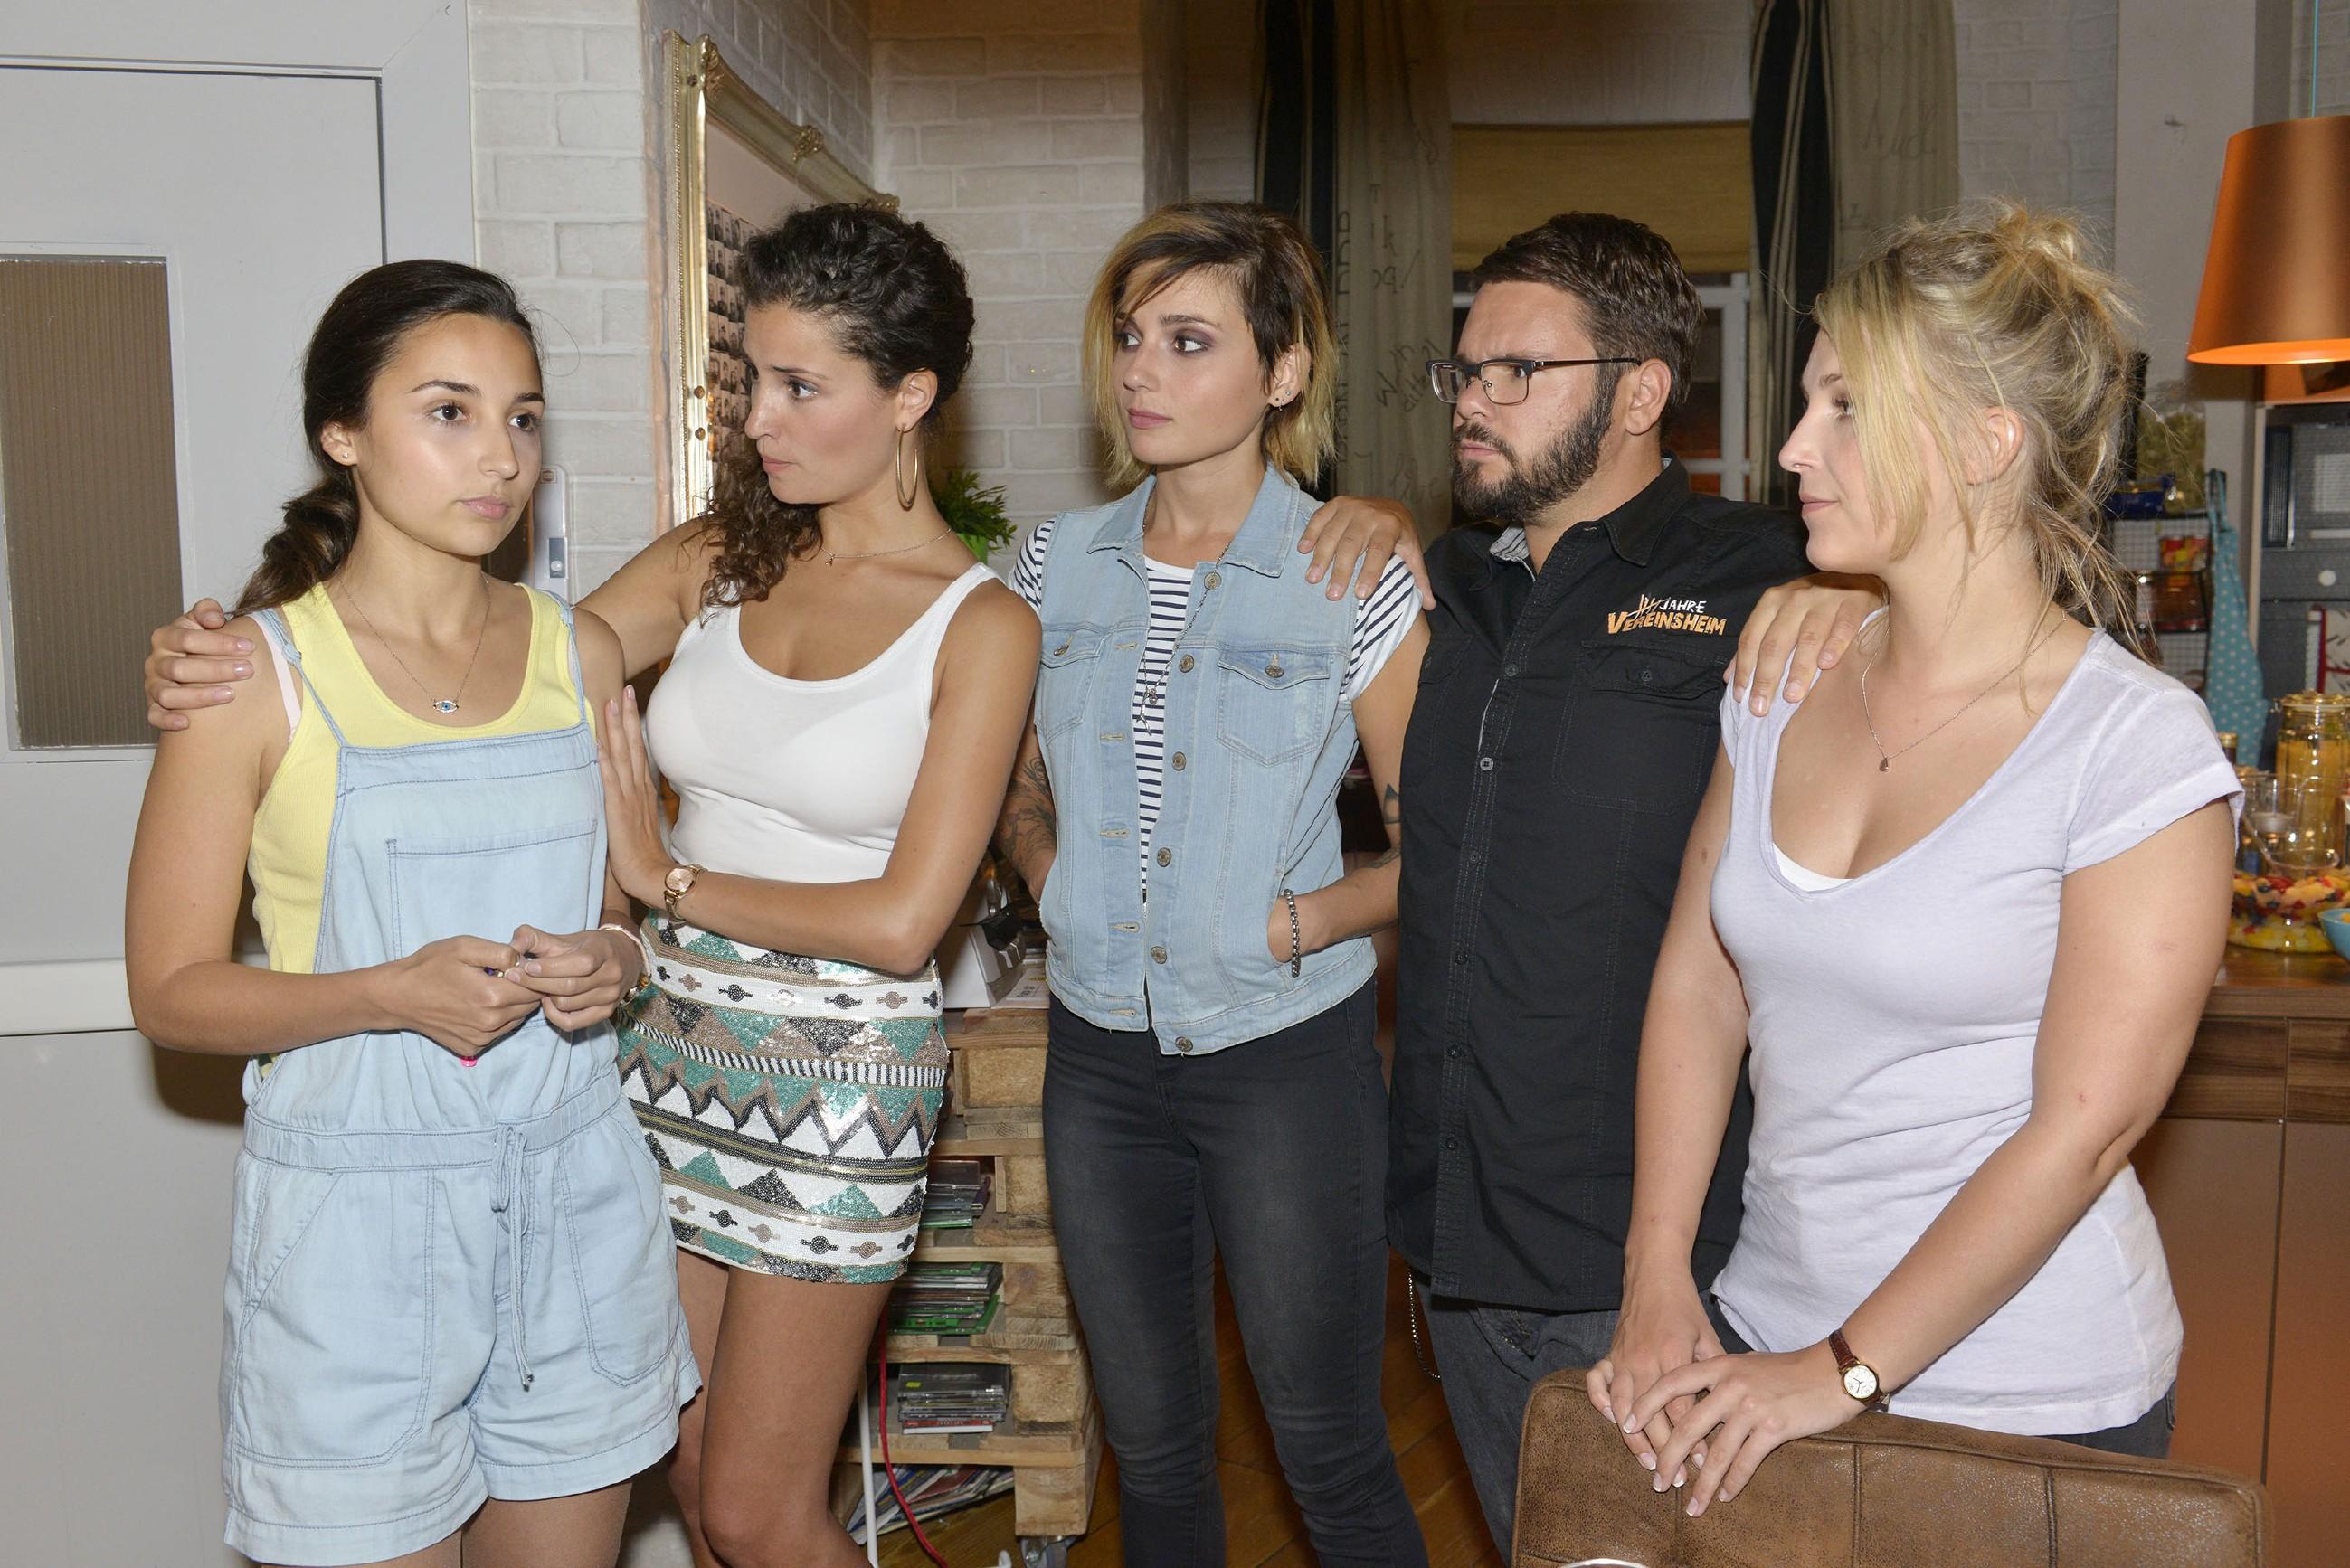 V.l.: Selma (Rona Özkan) teilt Ayla (Nadine Menz), Anni (Linda Marlen Runge), Tuner (Thomas Drechsel) und Lilly (Iris Mareike Steen) mit, dass sie wieder zu ihren Eltern nach Freising zurückgehen will.